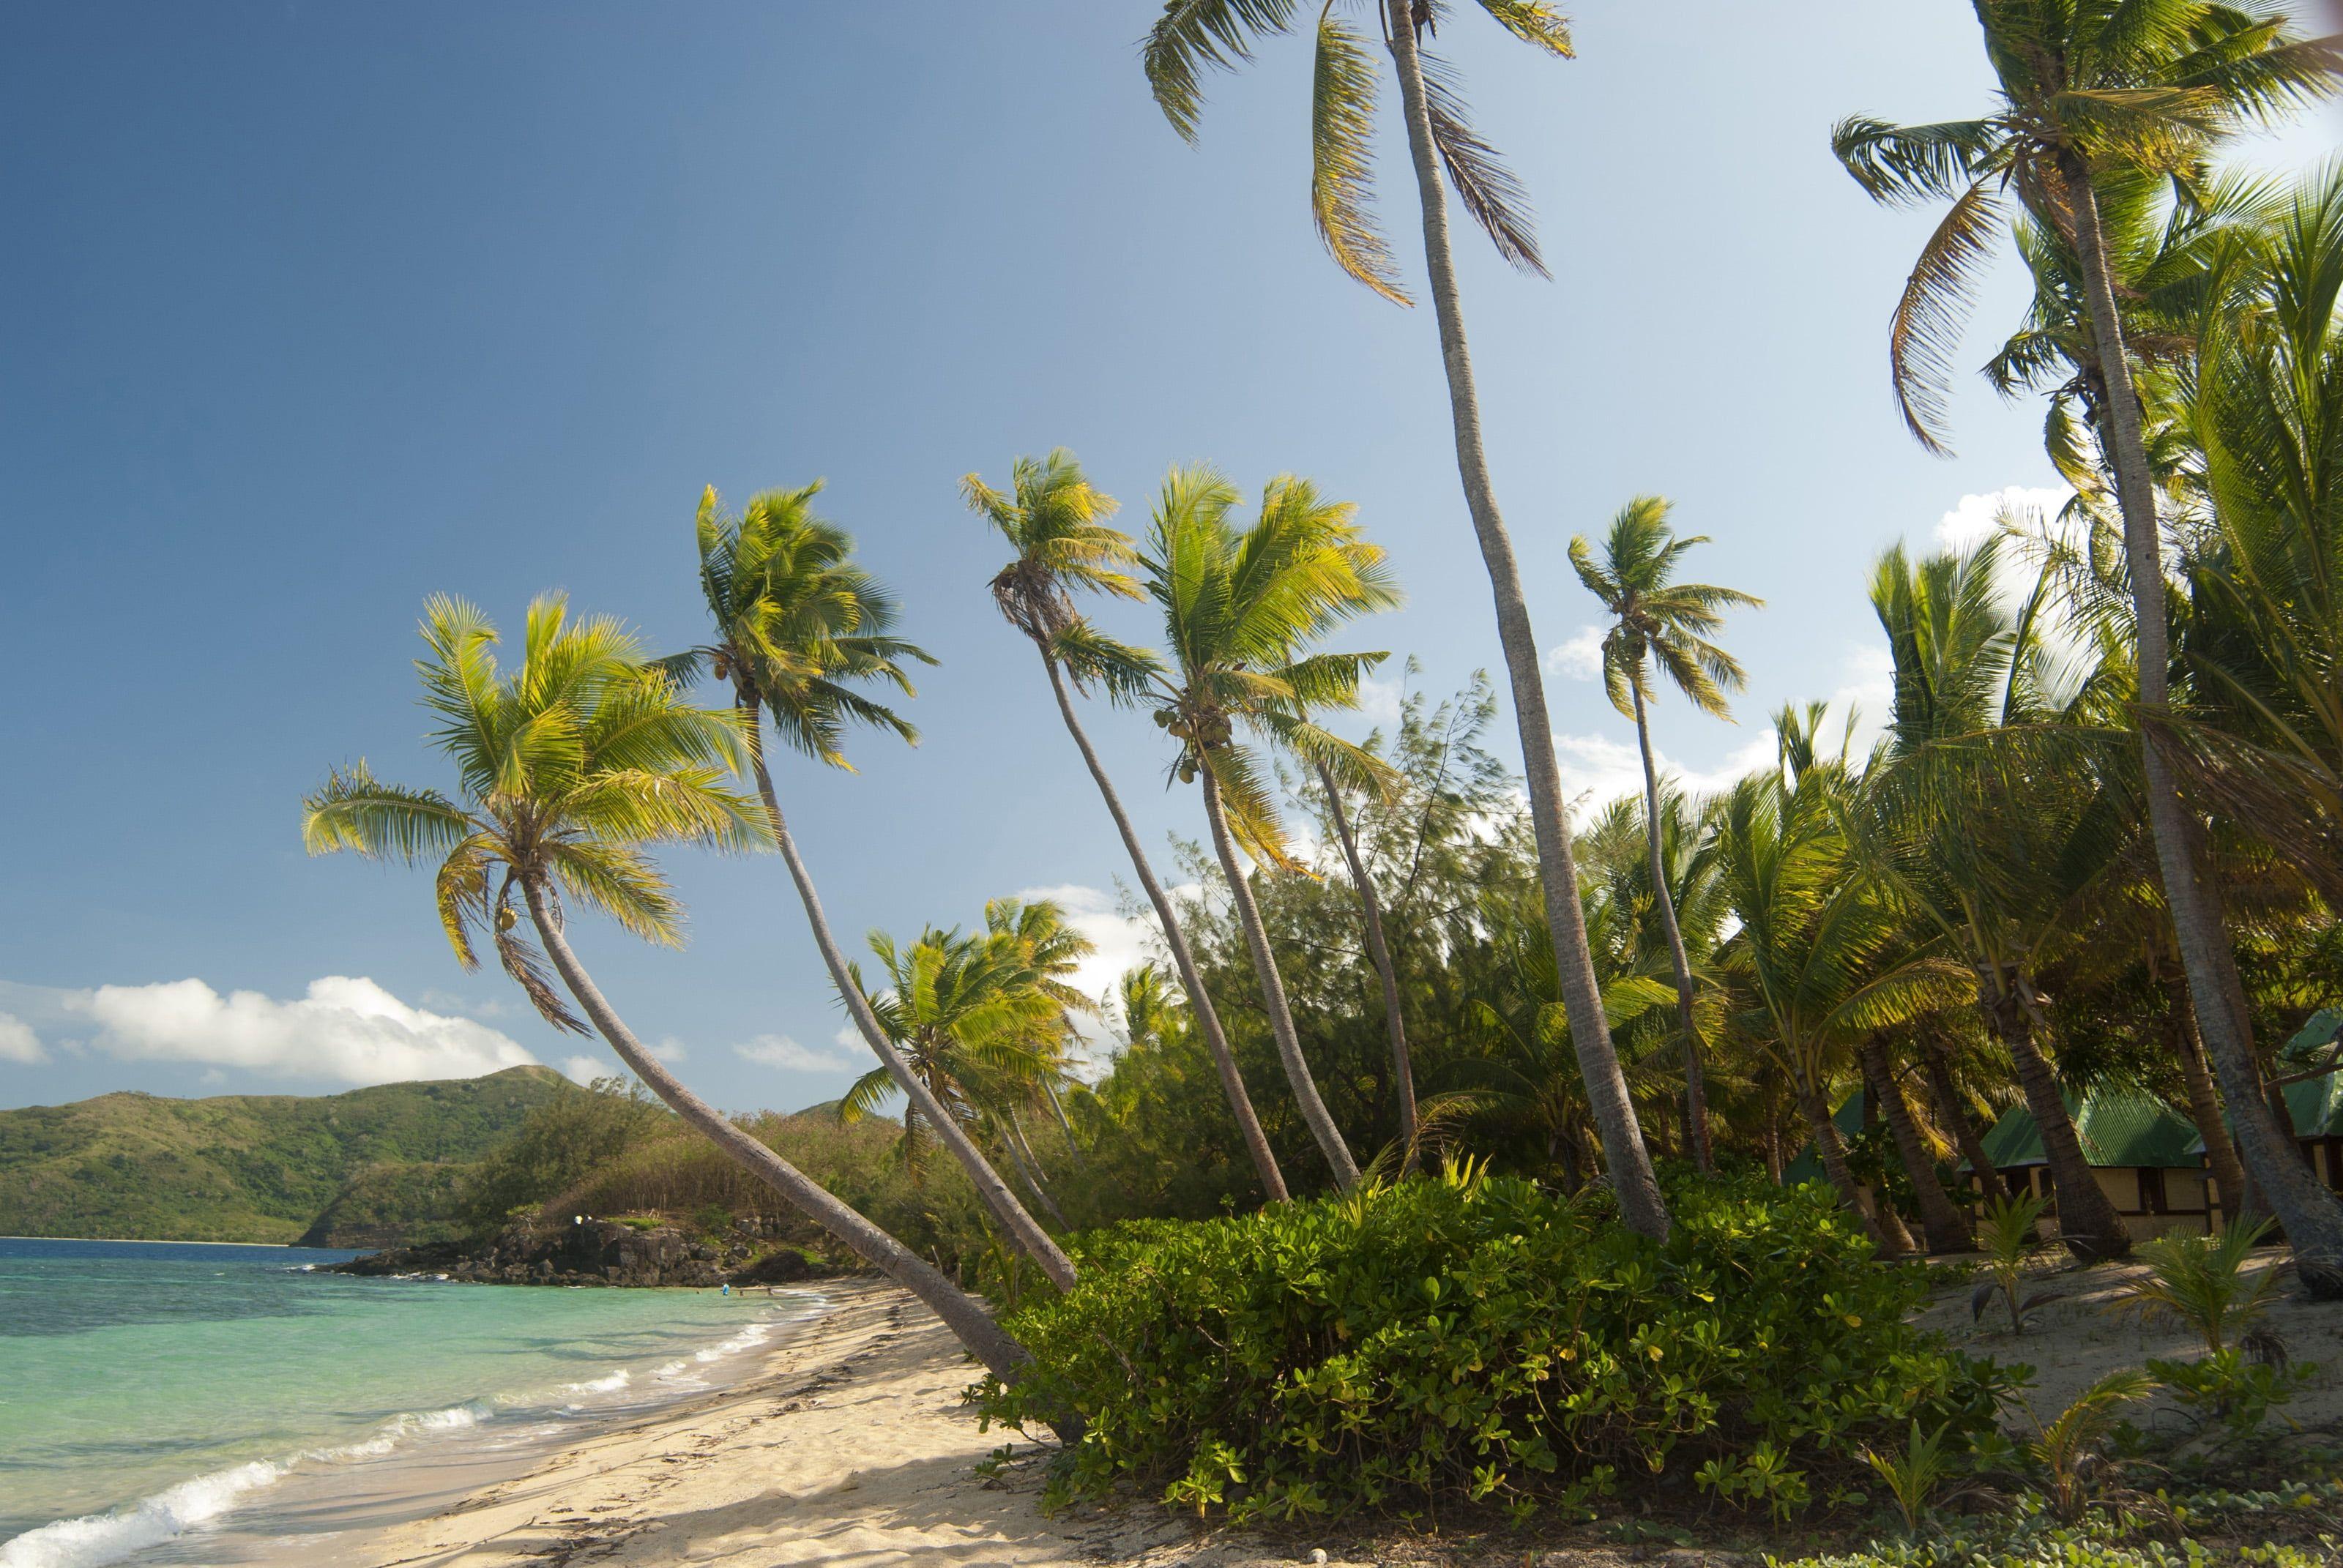 Palm Tree Lot Maldives Tropical Beach Palm Trees 2k Wallpaper Hdwallpaper Desktop Palm Trees Wallpaper Beach Palm Trees